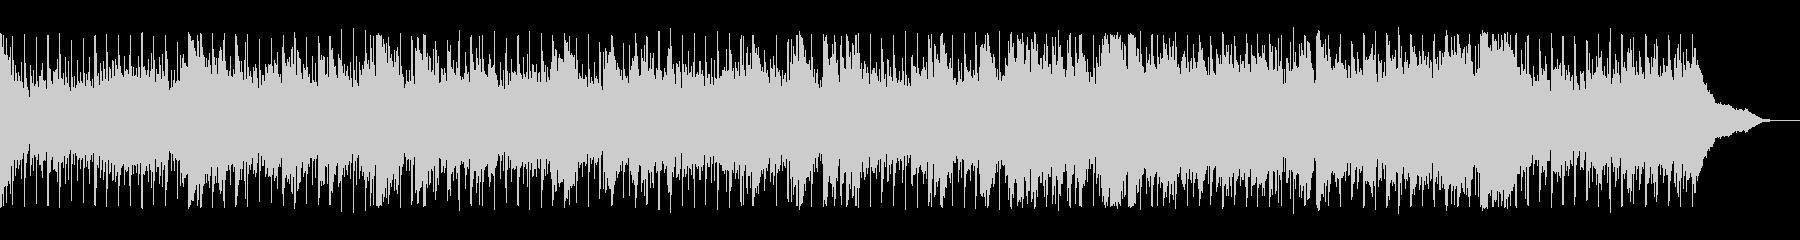 ギターとピアノのウエストコーストロックの未再生の波形